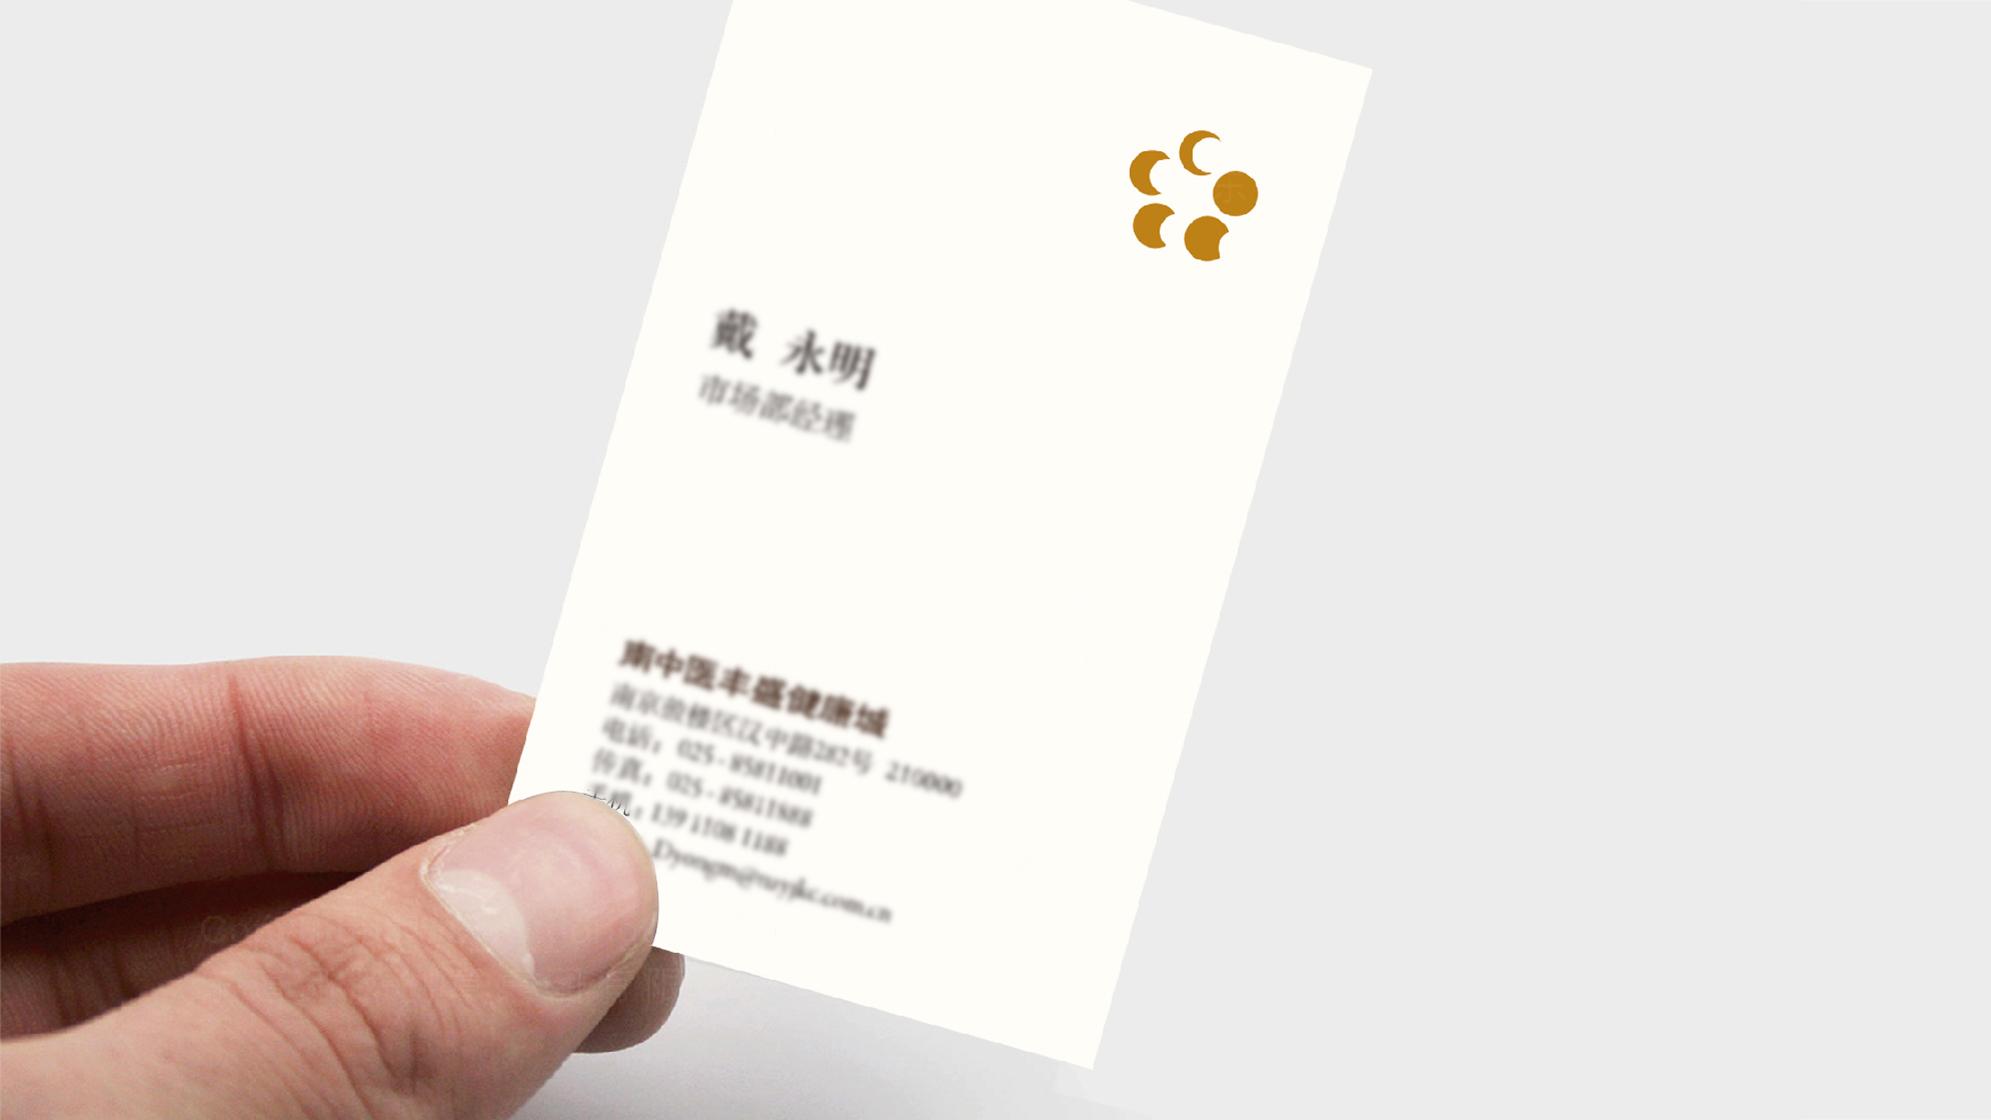 品牌设计南中医丰盛健康城LOGO&VI设计应用场景_2